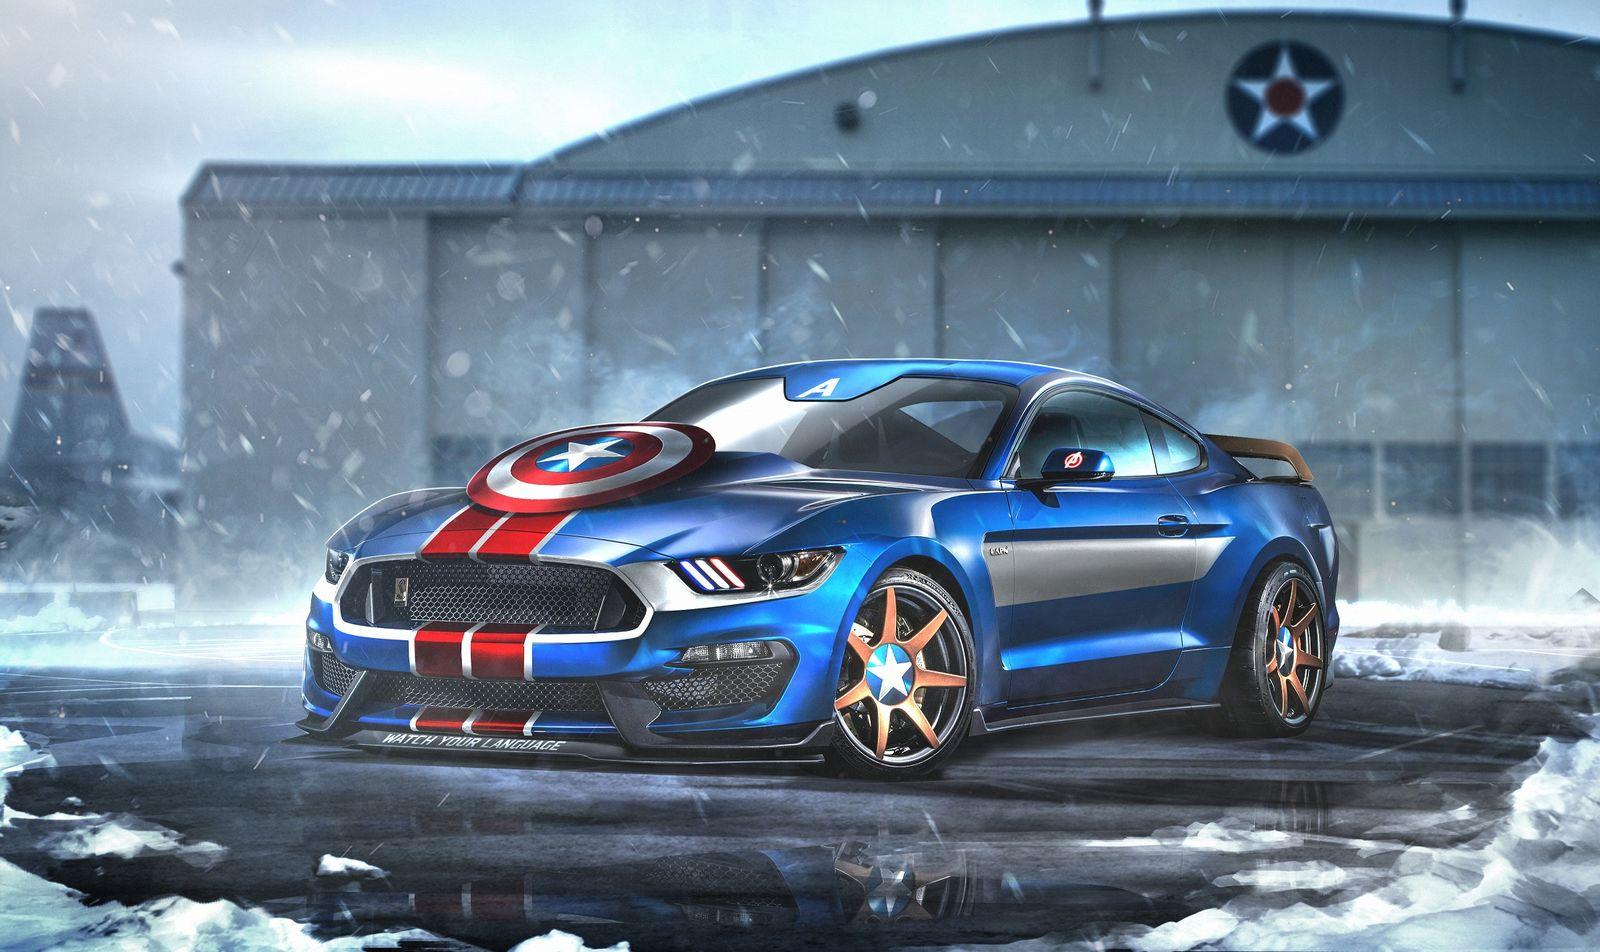 superhero-car-designs-opn-gallery-7.jpg